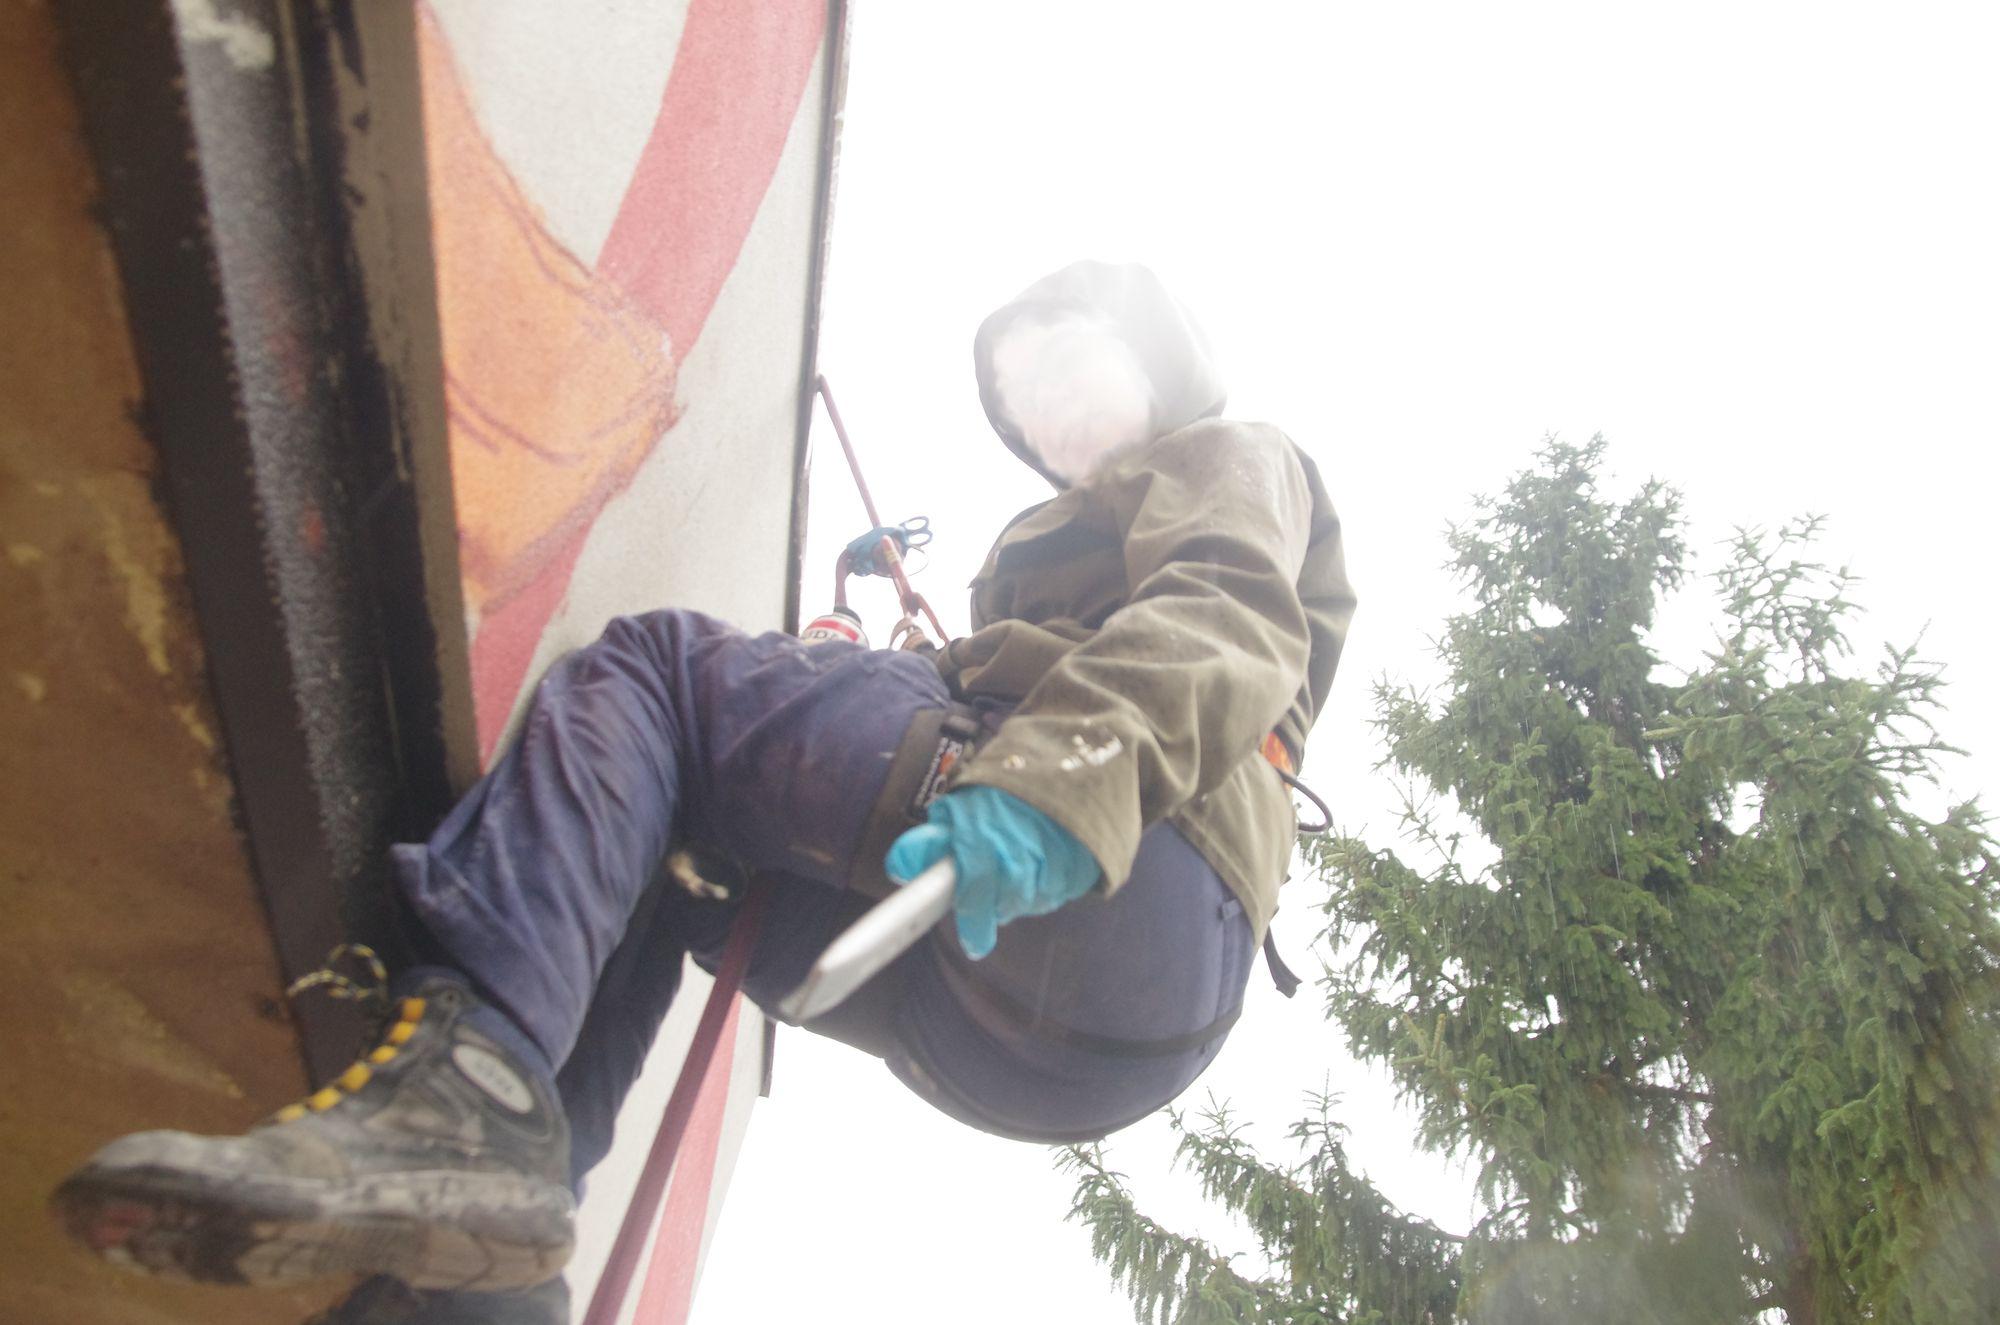 Klettergurt Bauen : Iglu bauen im bayrischen wald u bergmariechen